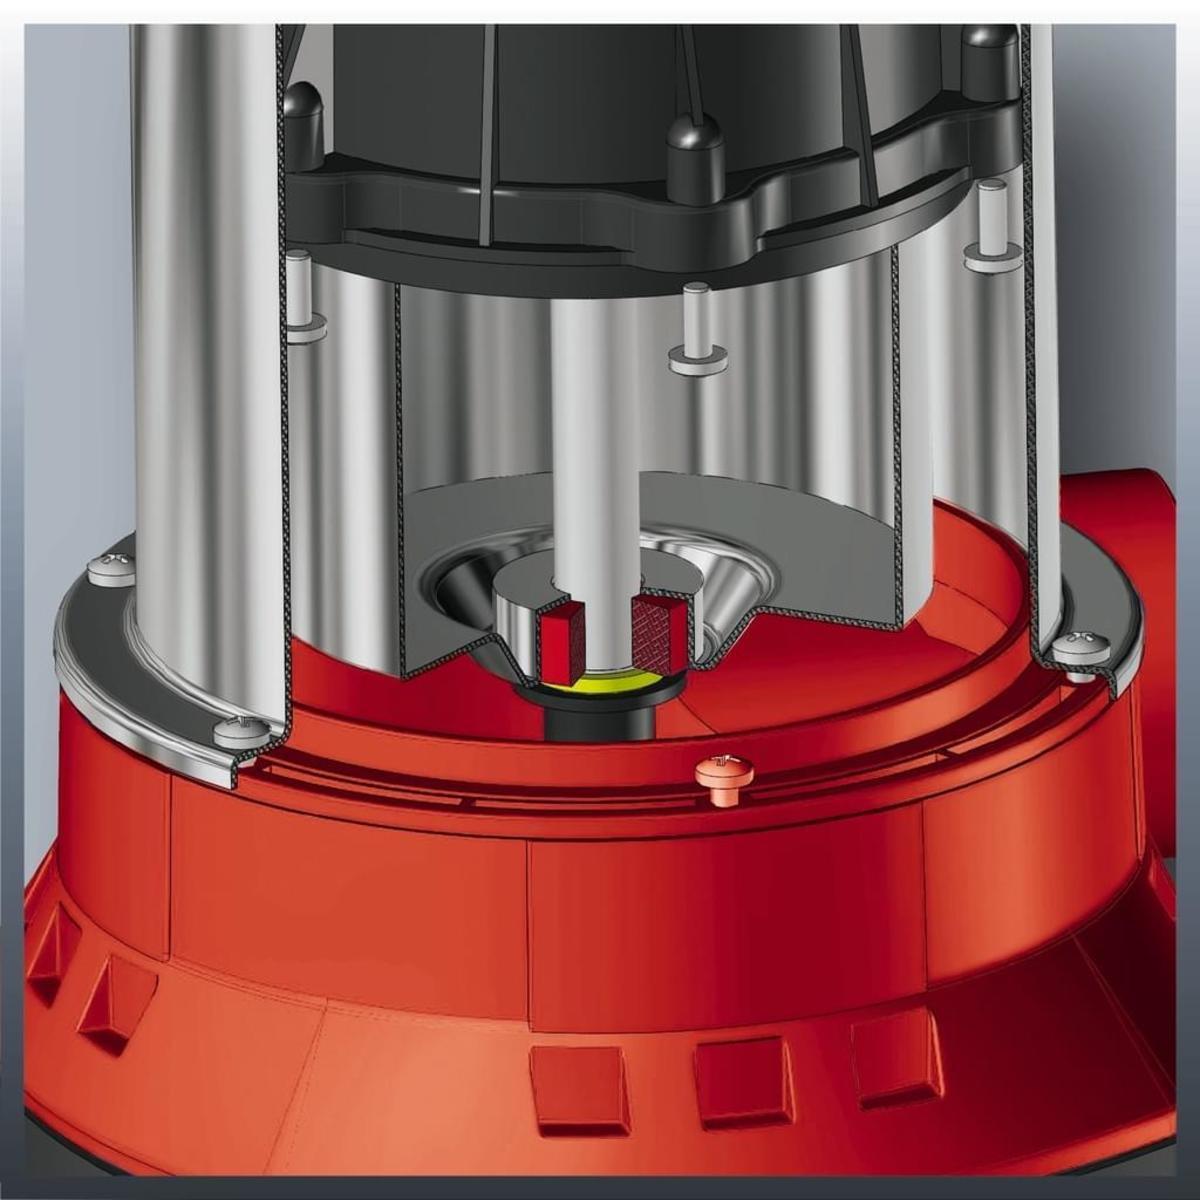 Bild 5 von Einhell Schmutzwasserpumpe GC-DP 7835, Leistung 780 Watt, Fördermenge max. 15700 l/h, 4170682